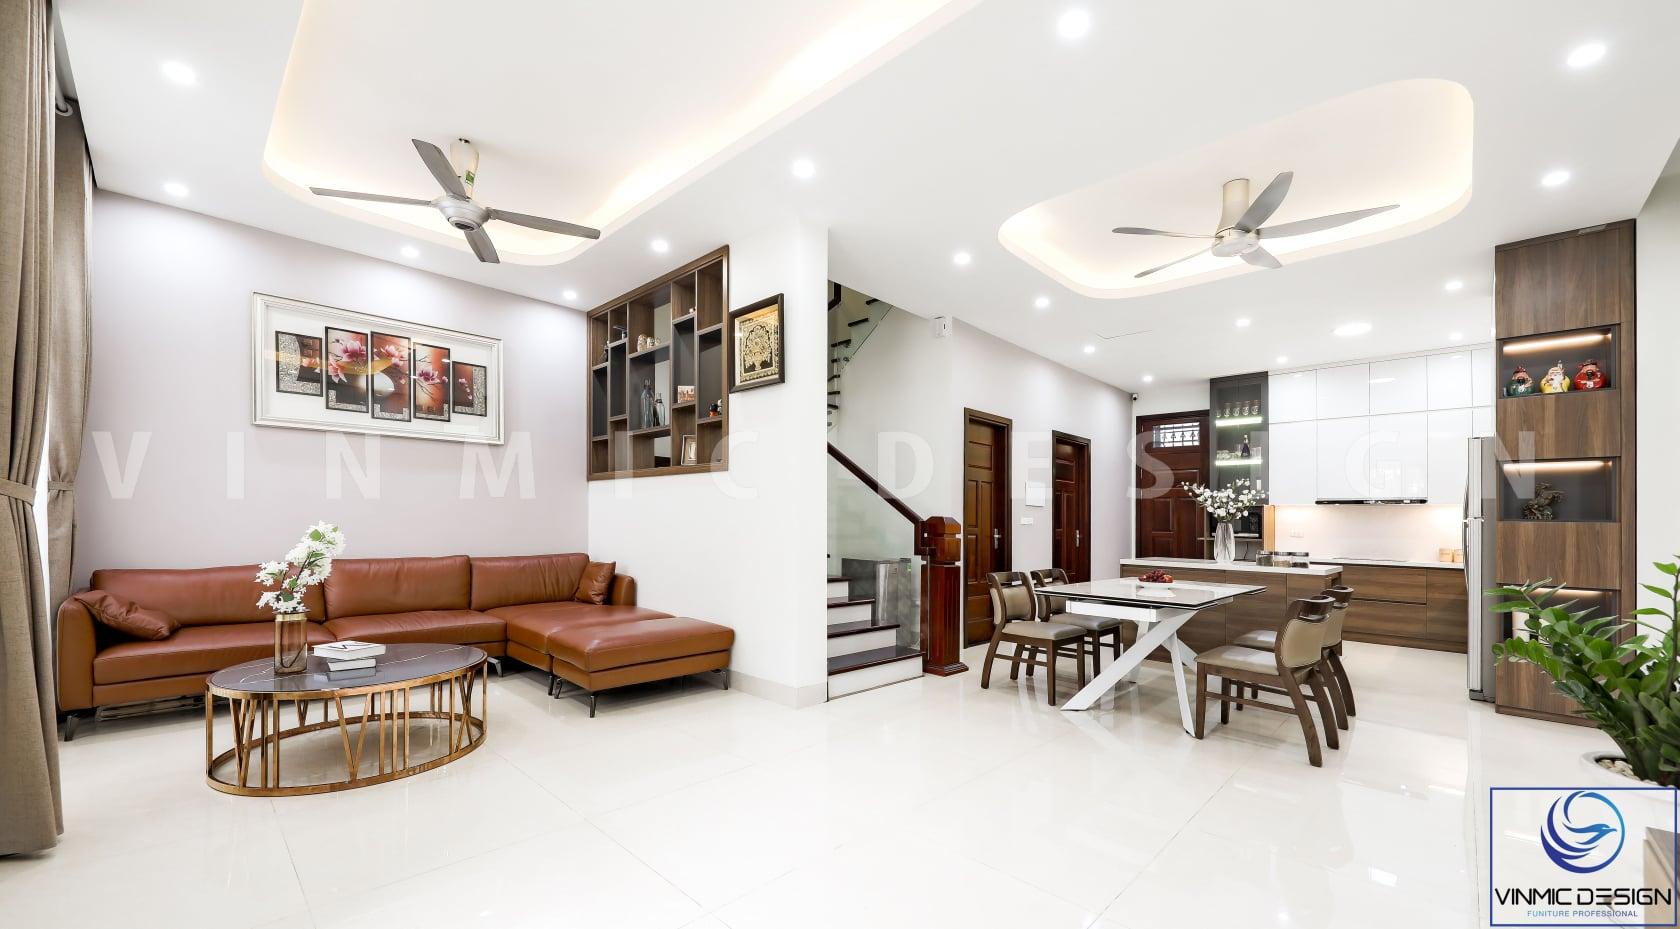 Thiết kế và thi công nhà phố 4 tầng nổi bật với bộ sofa da nâu sang trọng